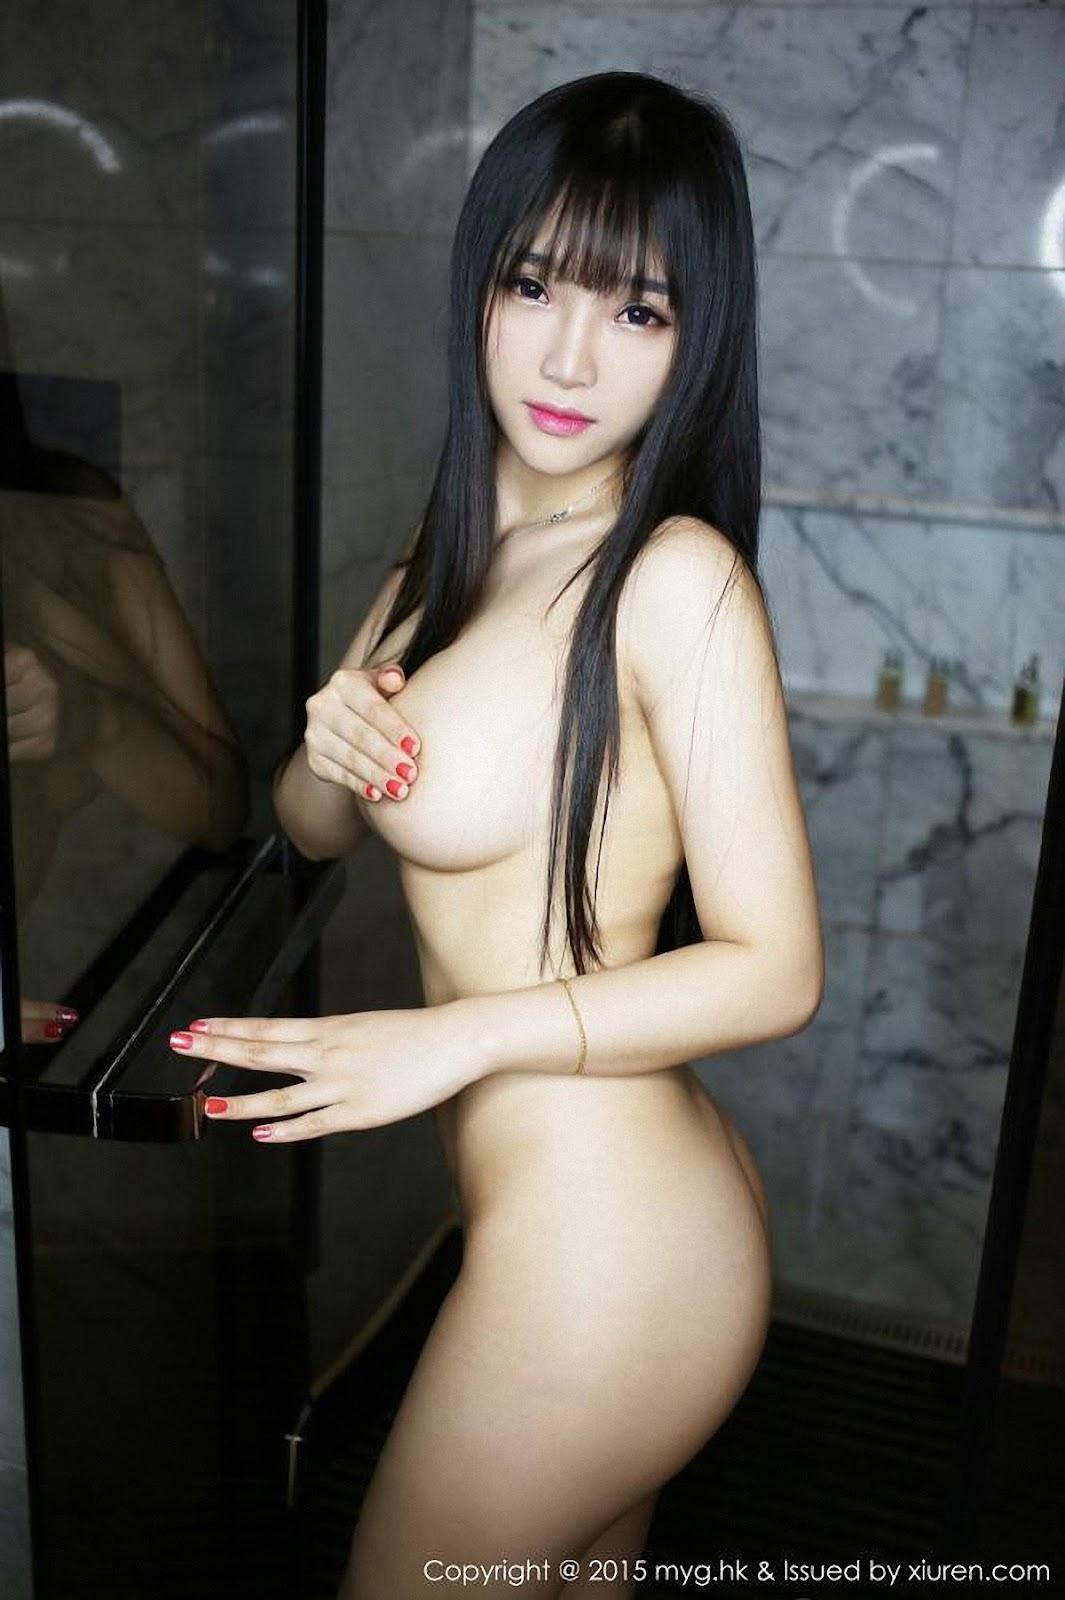 Hot Model MYGIRL VOL.120